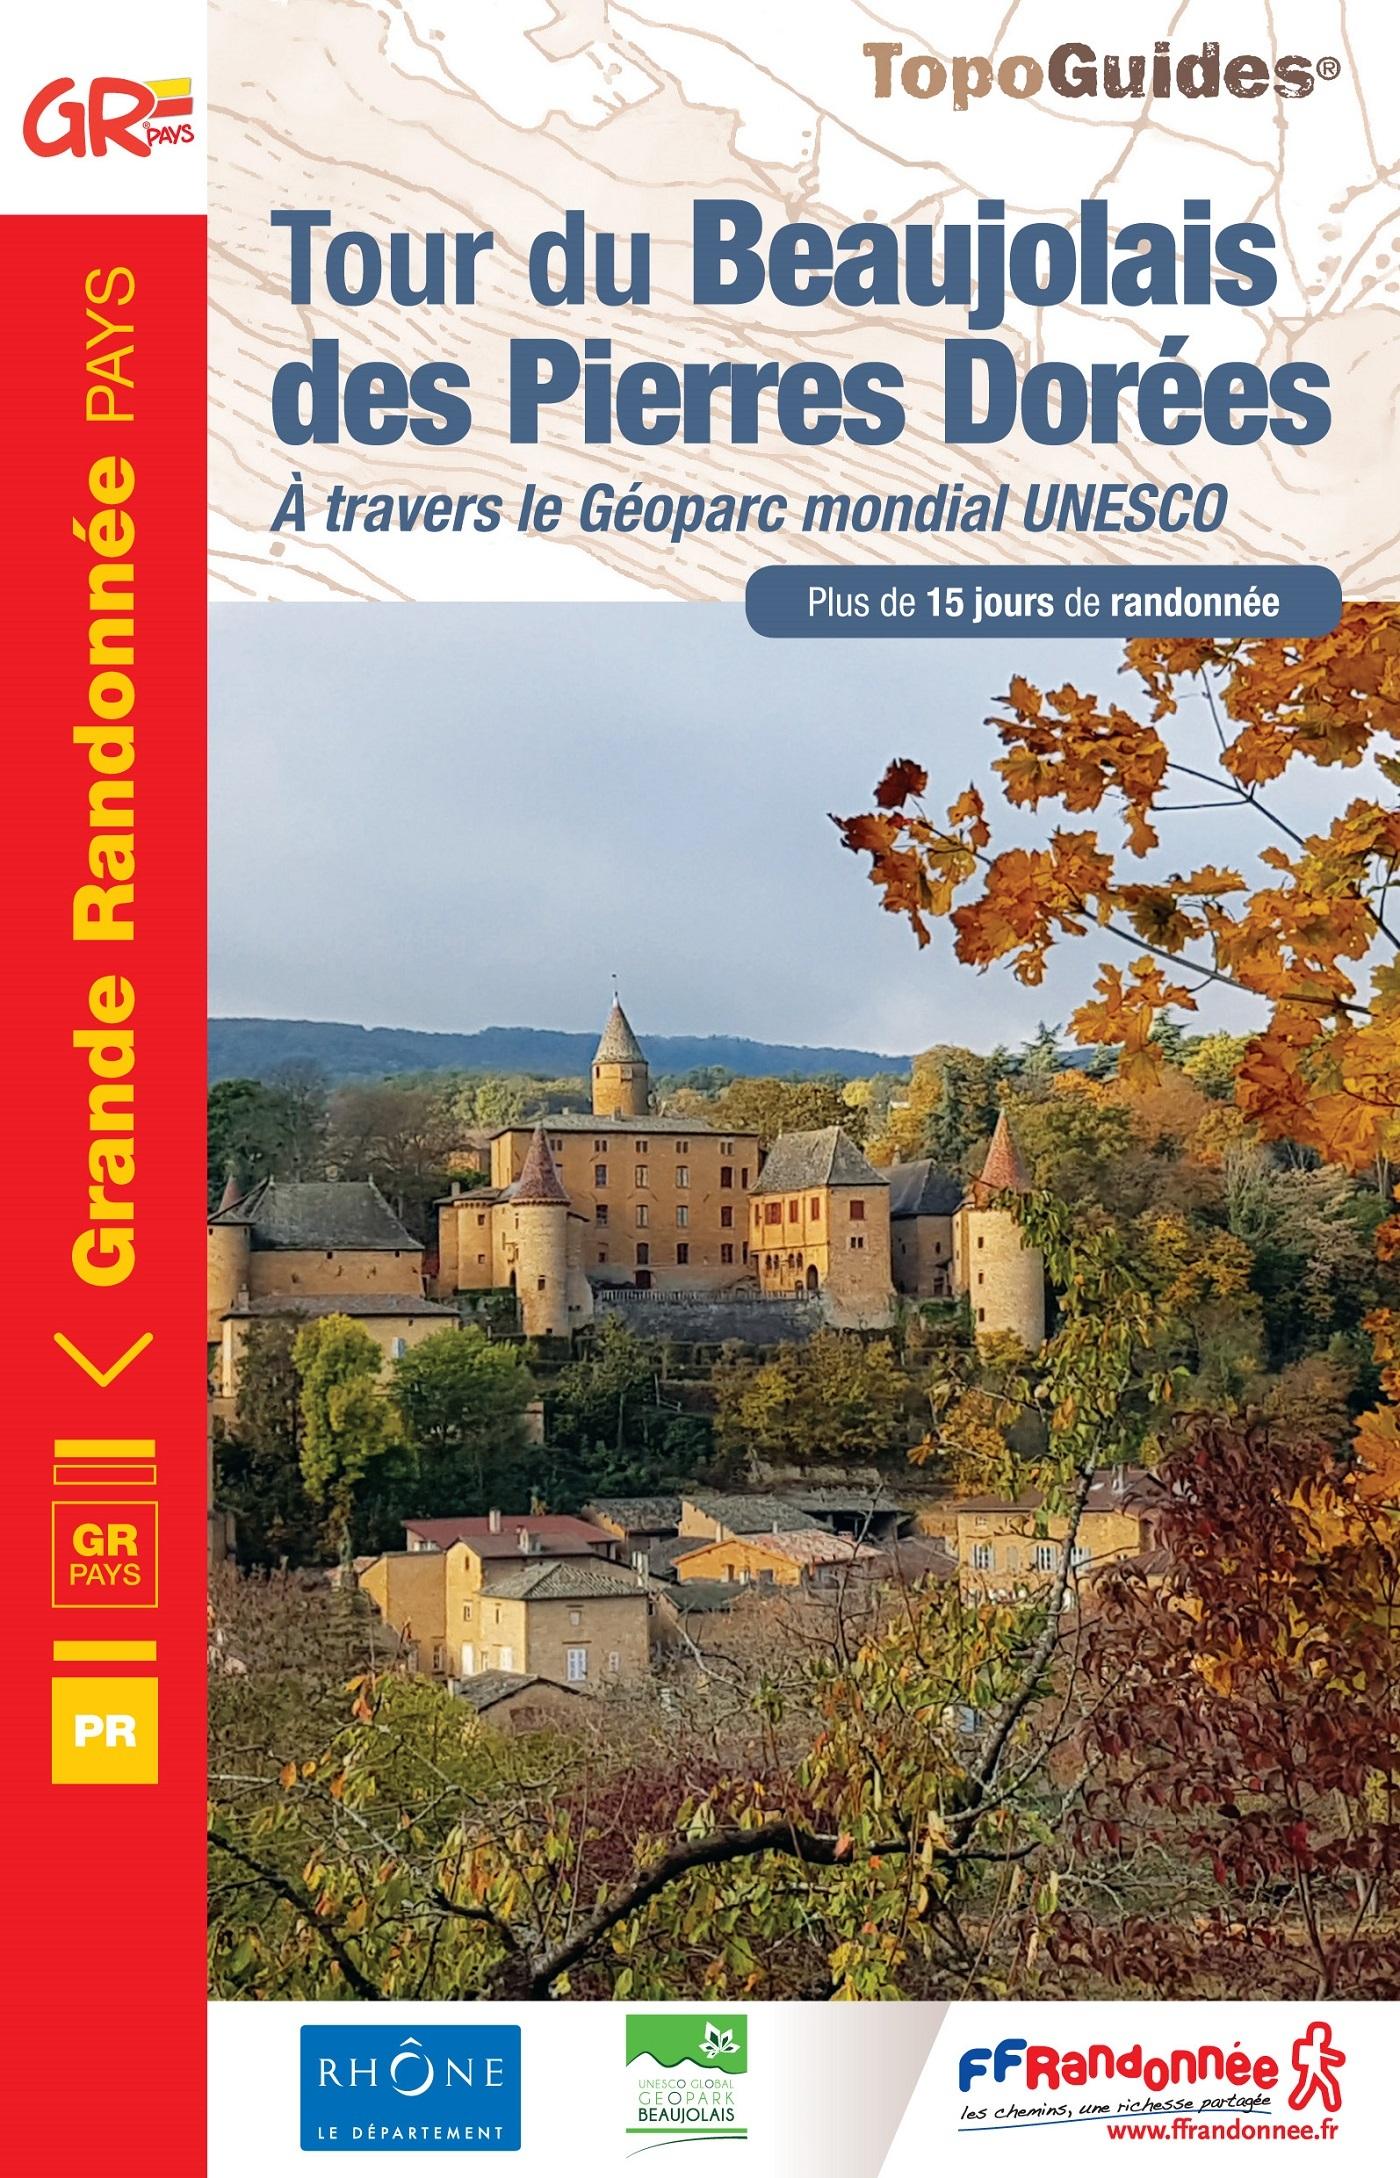 LE TOUR DU BEAUJOLAIS DES PIERRES DOREES - A TRAVERS LE GEOPARC MONDIAL UNESCO